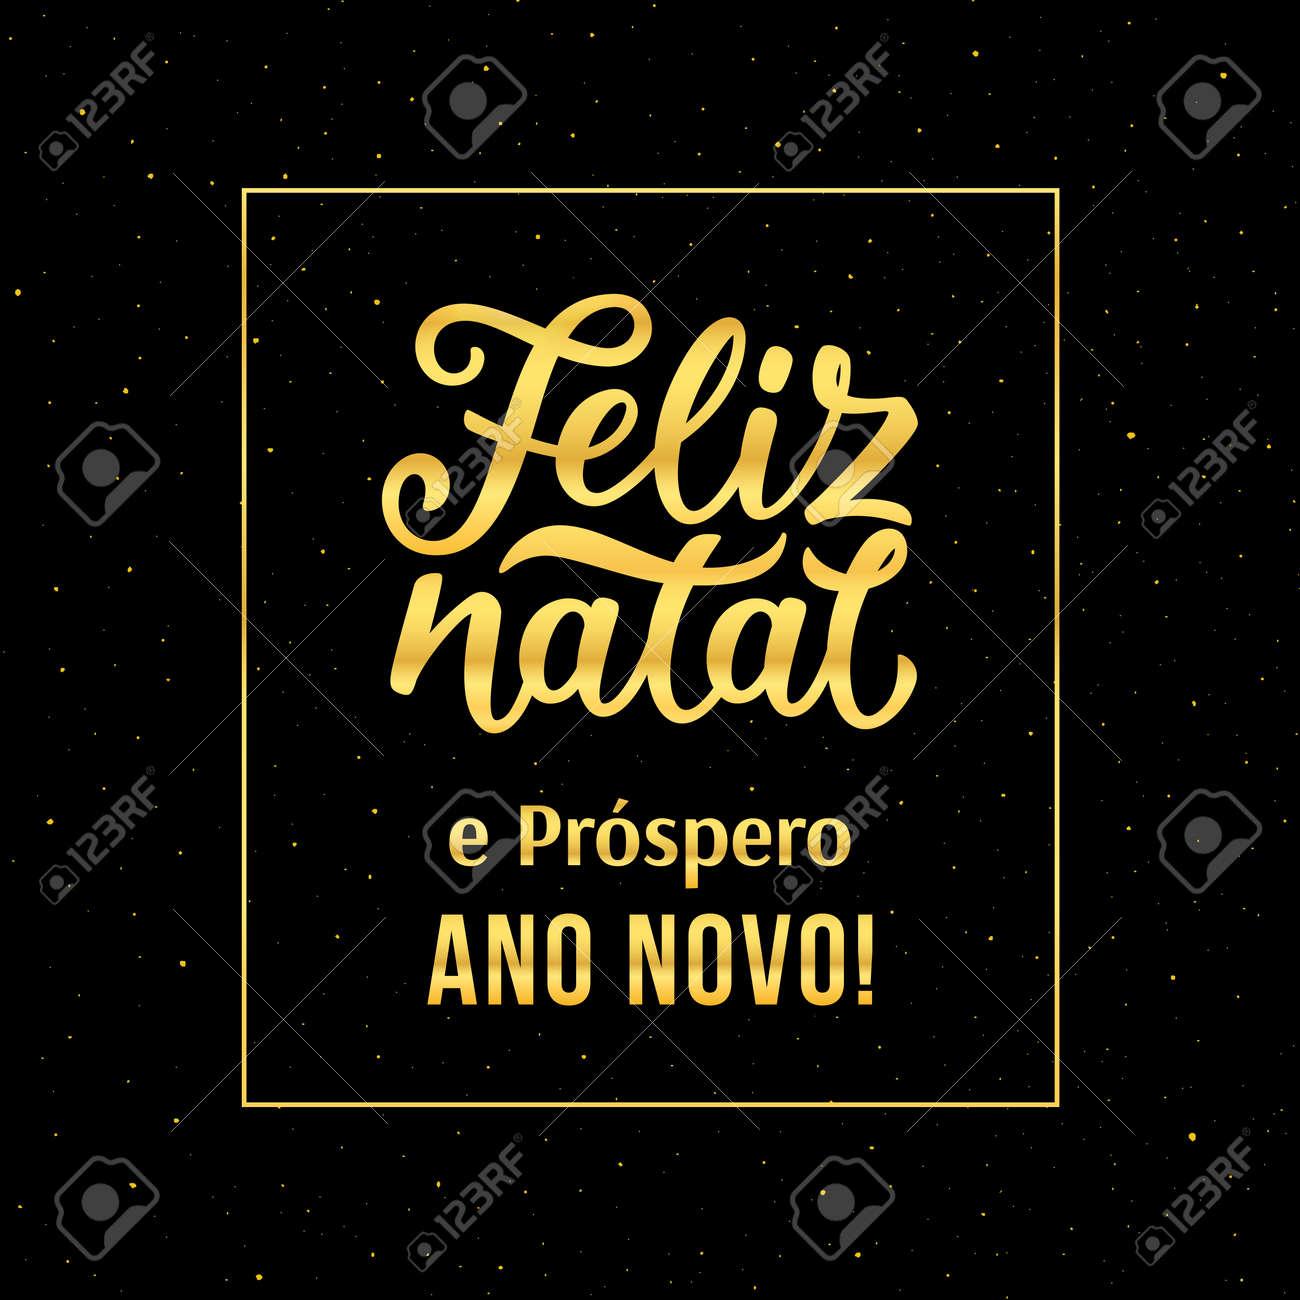 Feliz natal e prospero ano novo 2018 portuguese text happy new feliz natal e prospero ano novo 2018 portuguese text happy new year and merry christmas m4hsunfo